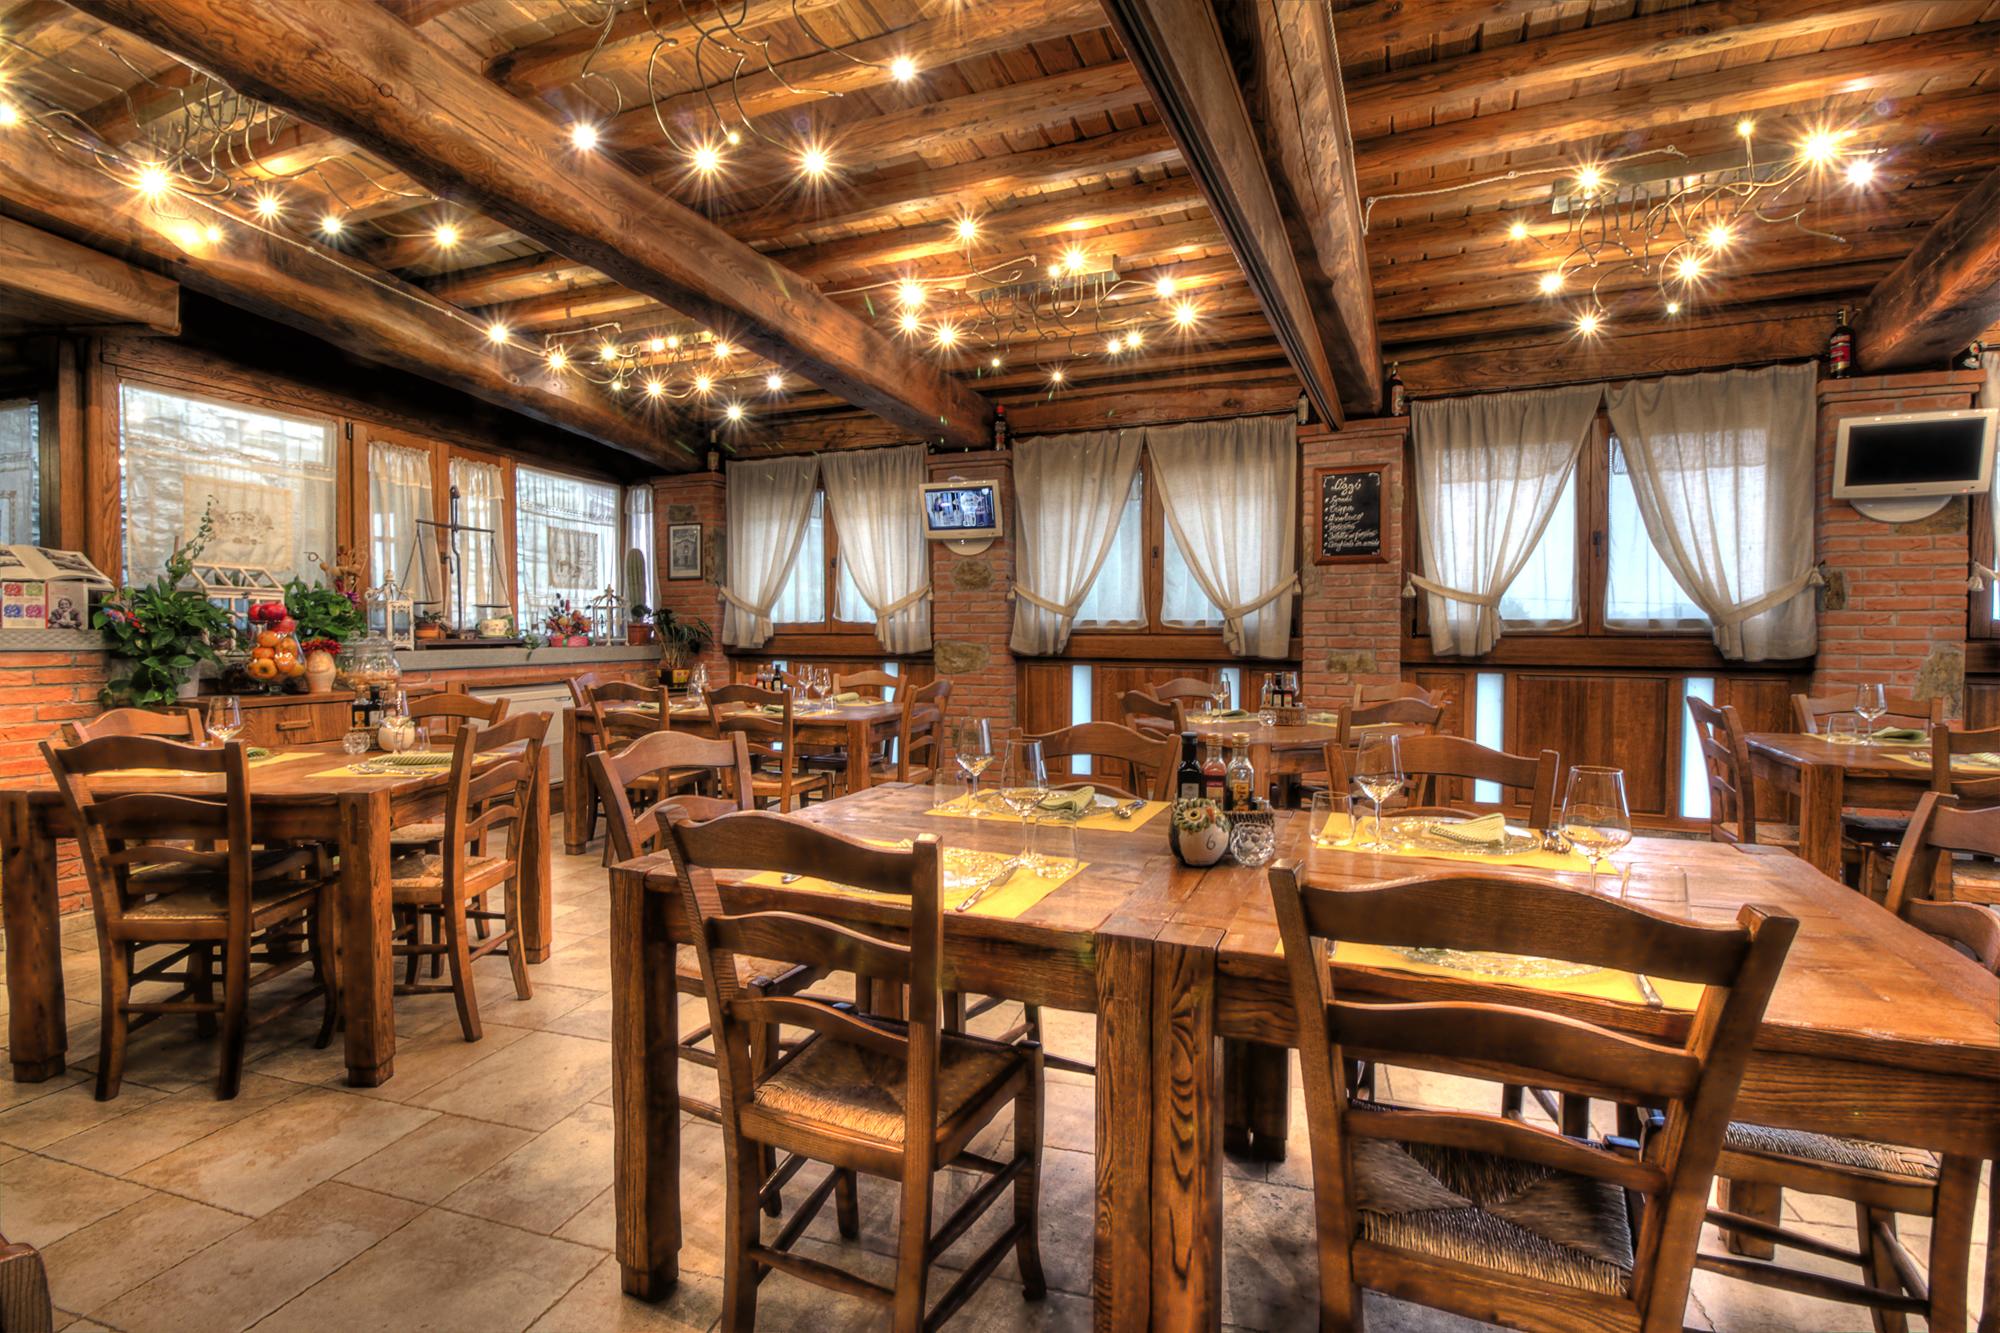 La locanda di giulia ristorante b b arezzo for Lampada ristorante